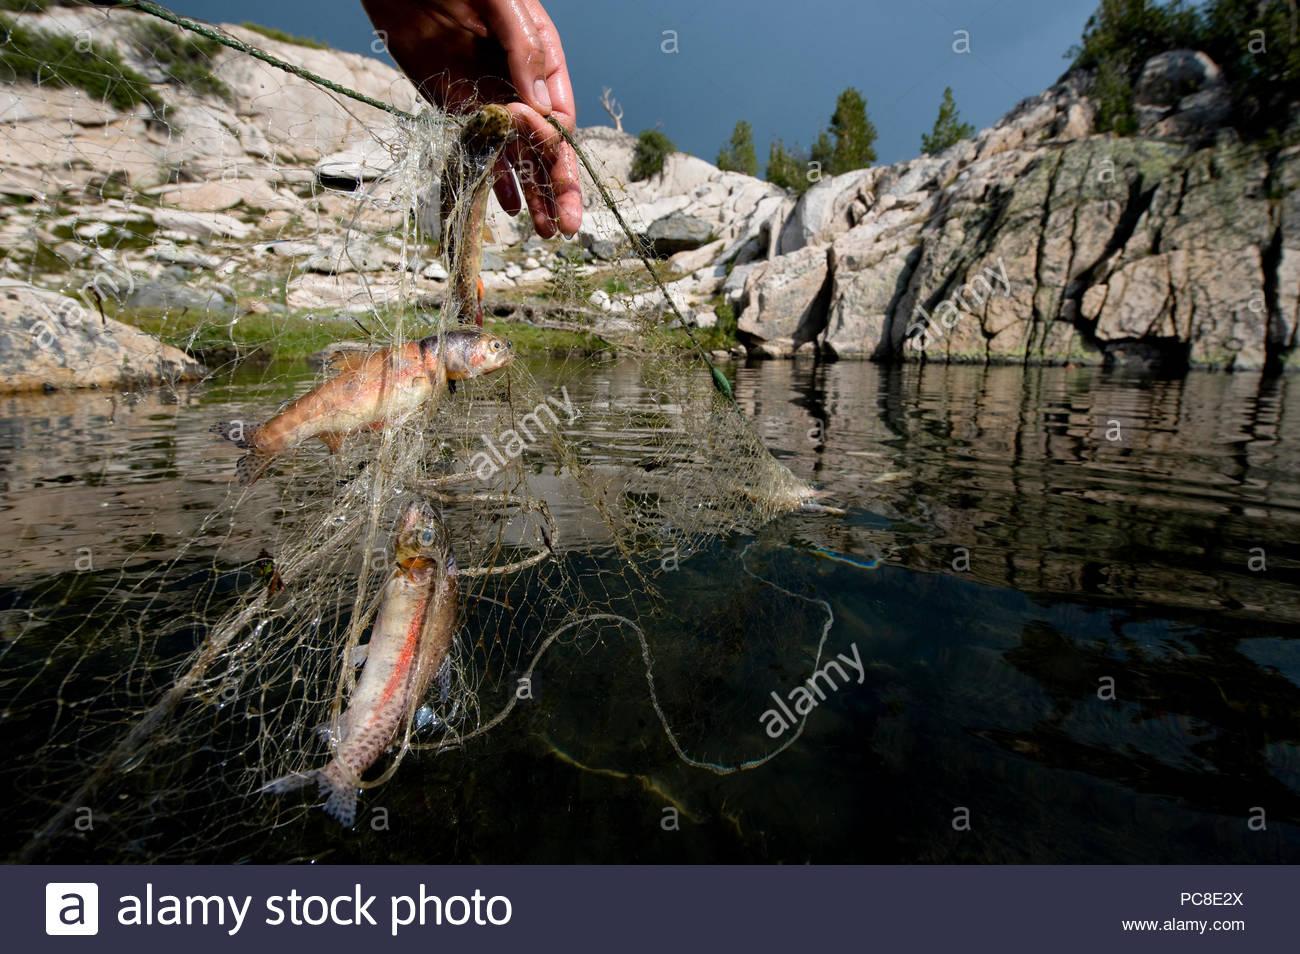 Un biólogo utiliza una red para atrapar la trucha en Kings Canyon National Park. Imagen De Stock